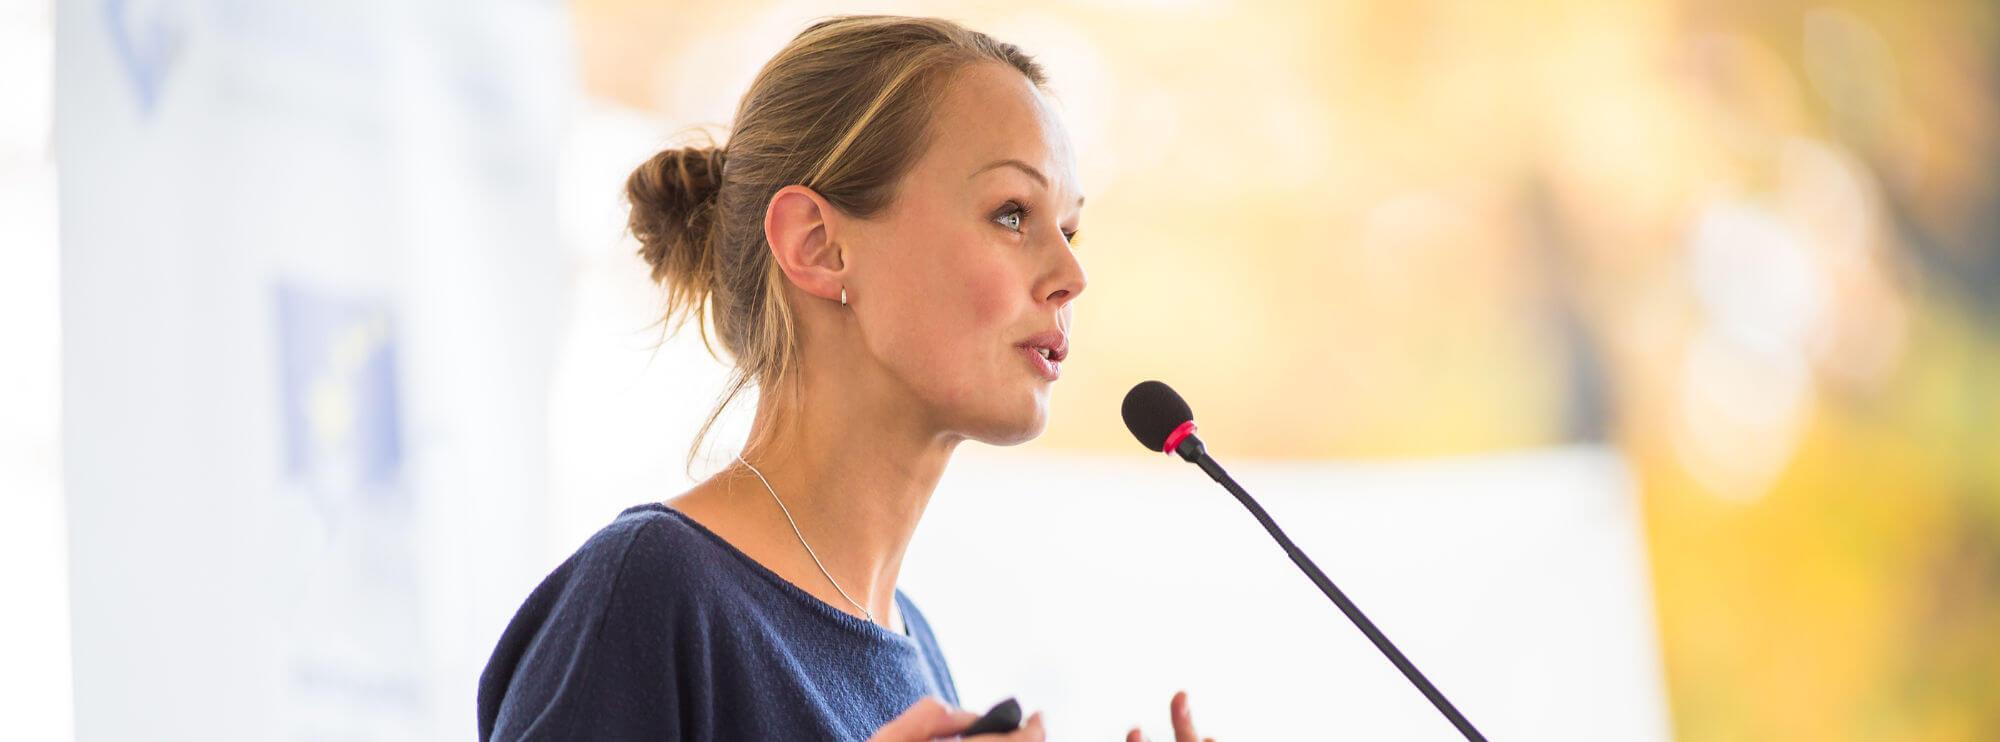 training leren presenteren en speeches houden